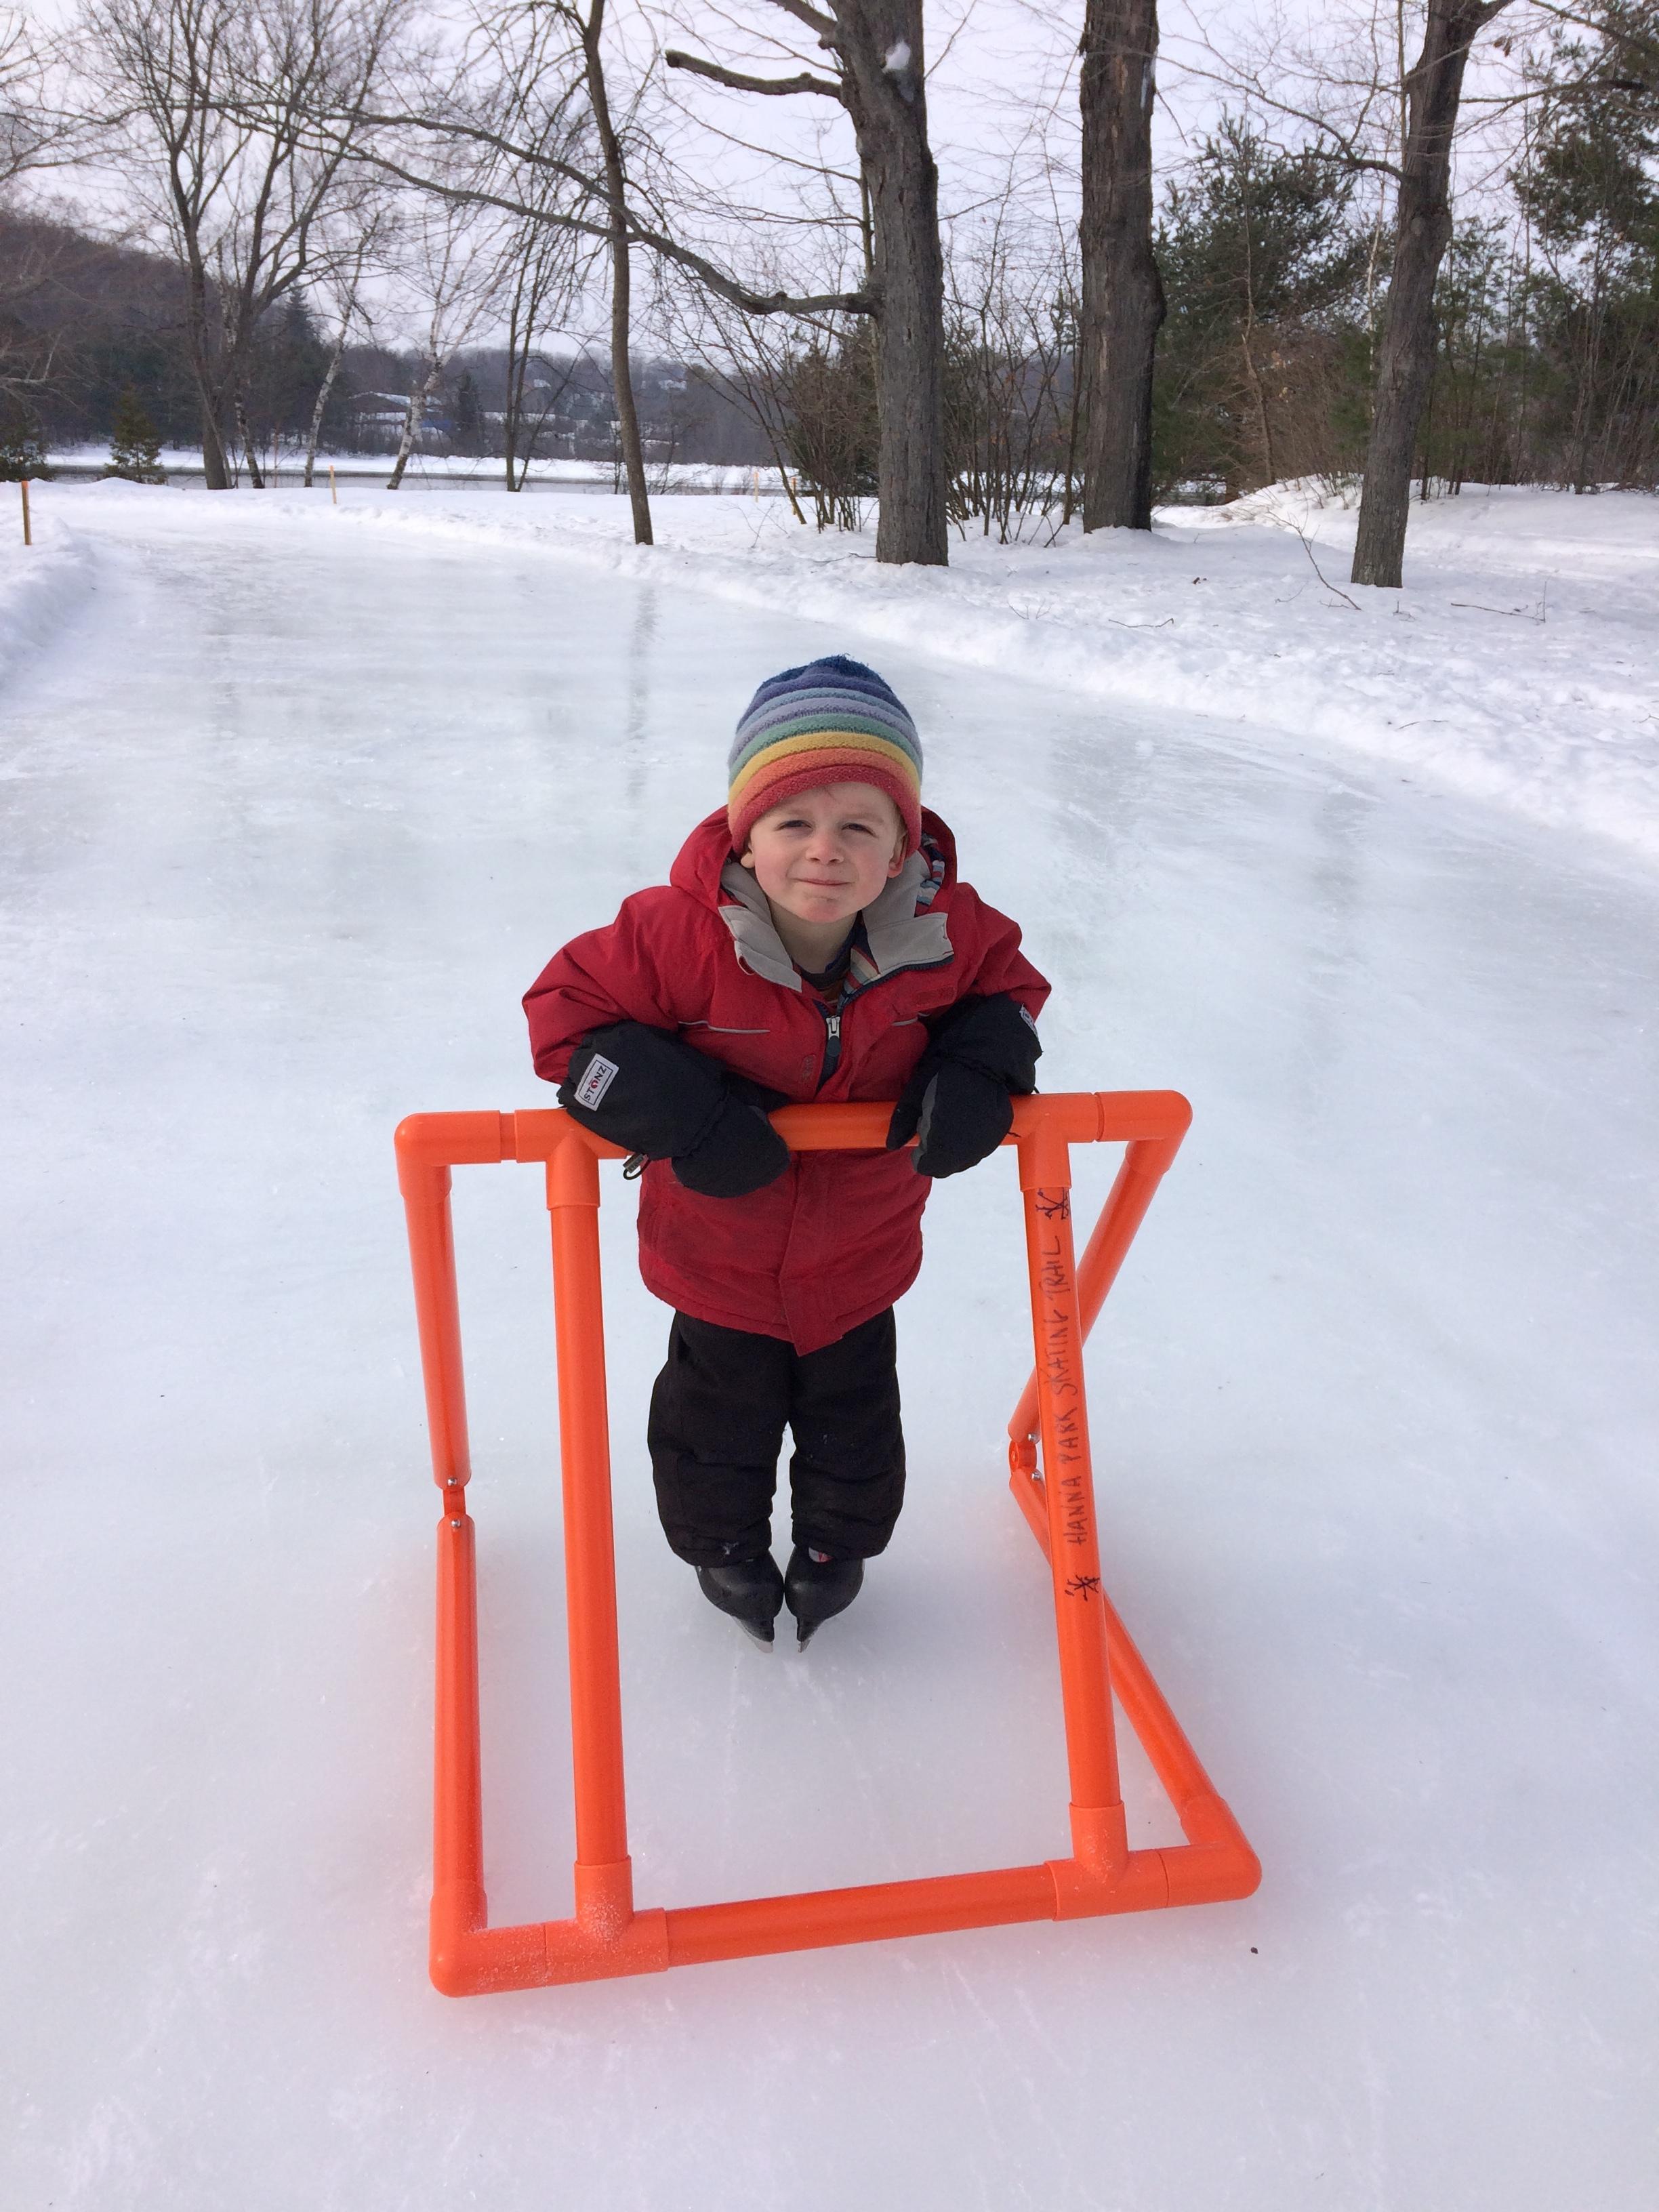 Hanna Park Skating Trail